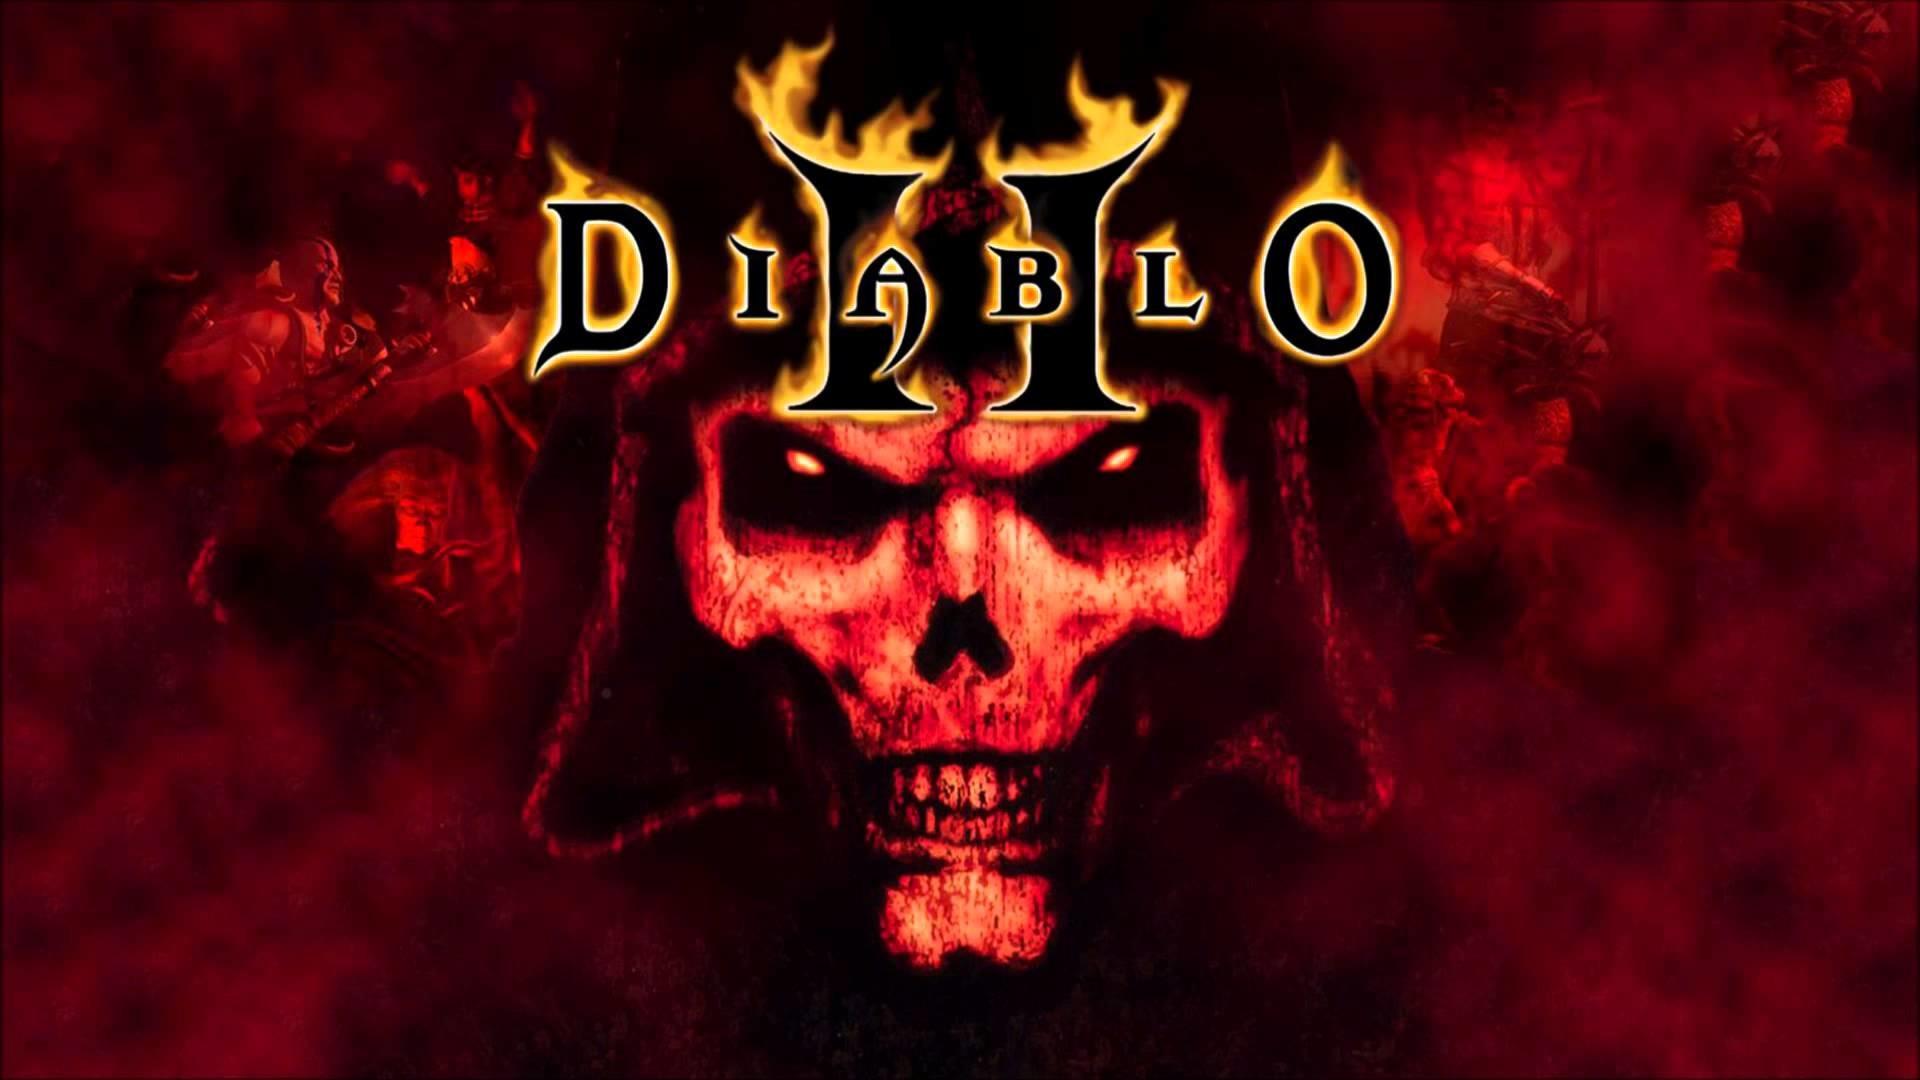 Diablo 2 Wallpaper HD